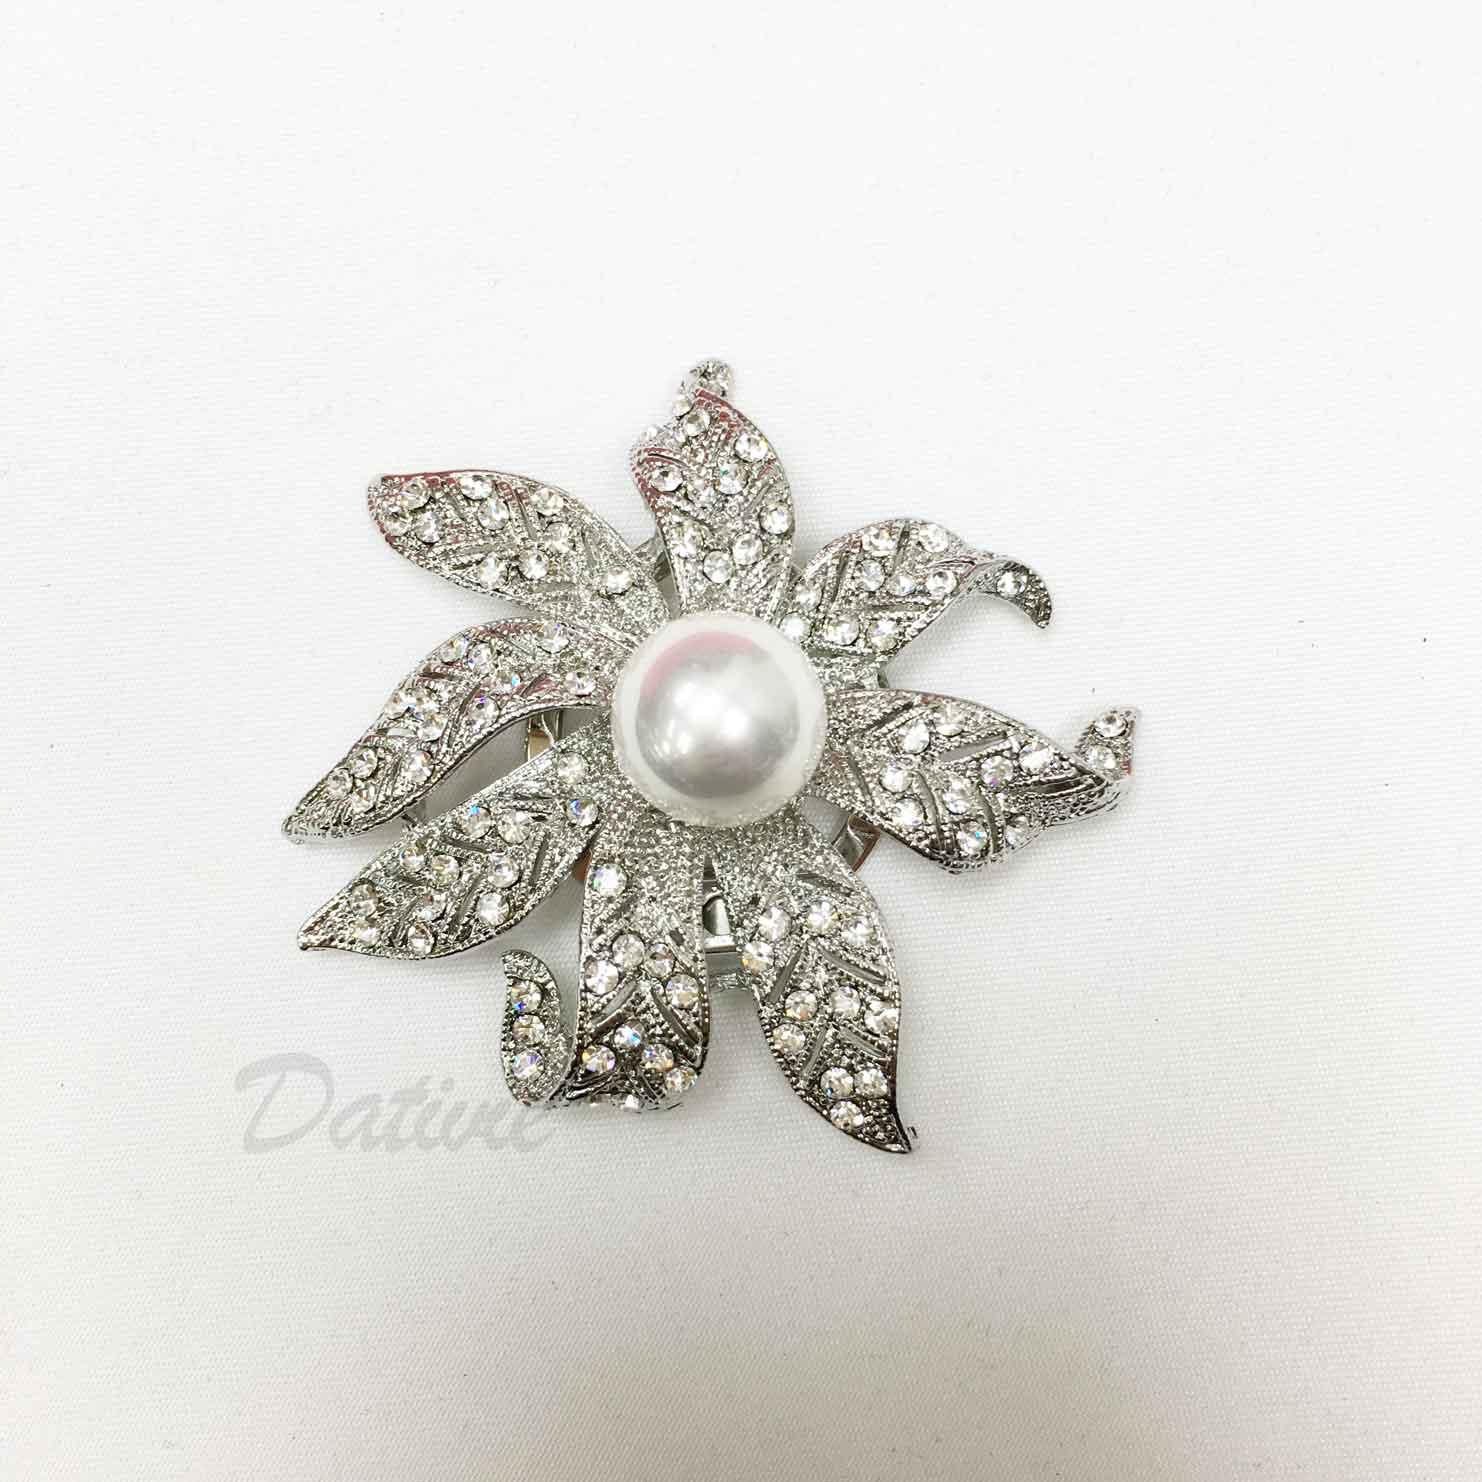 葉子 葉片 花朵 水鑽 白鑽 珍珠 絲巾夾 領巾夾